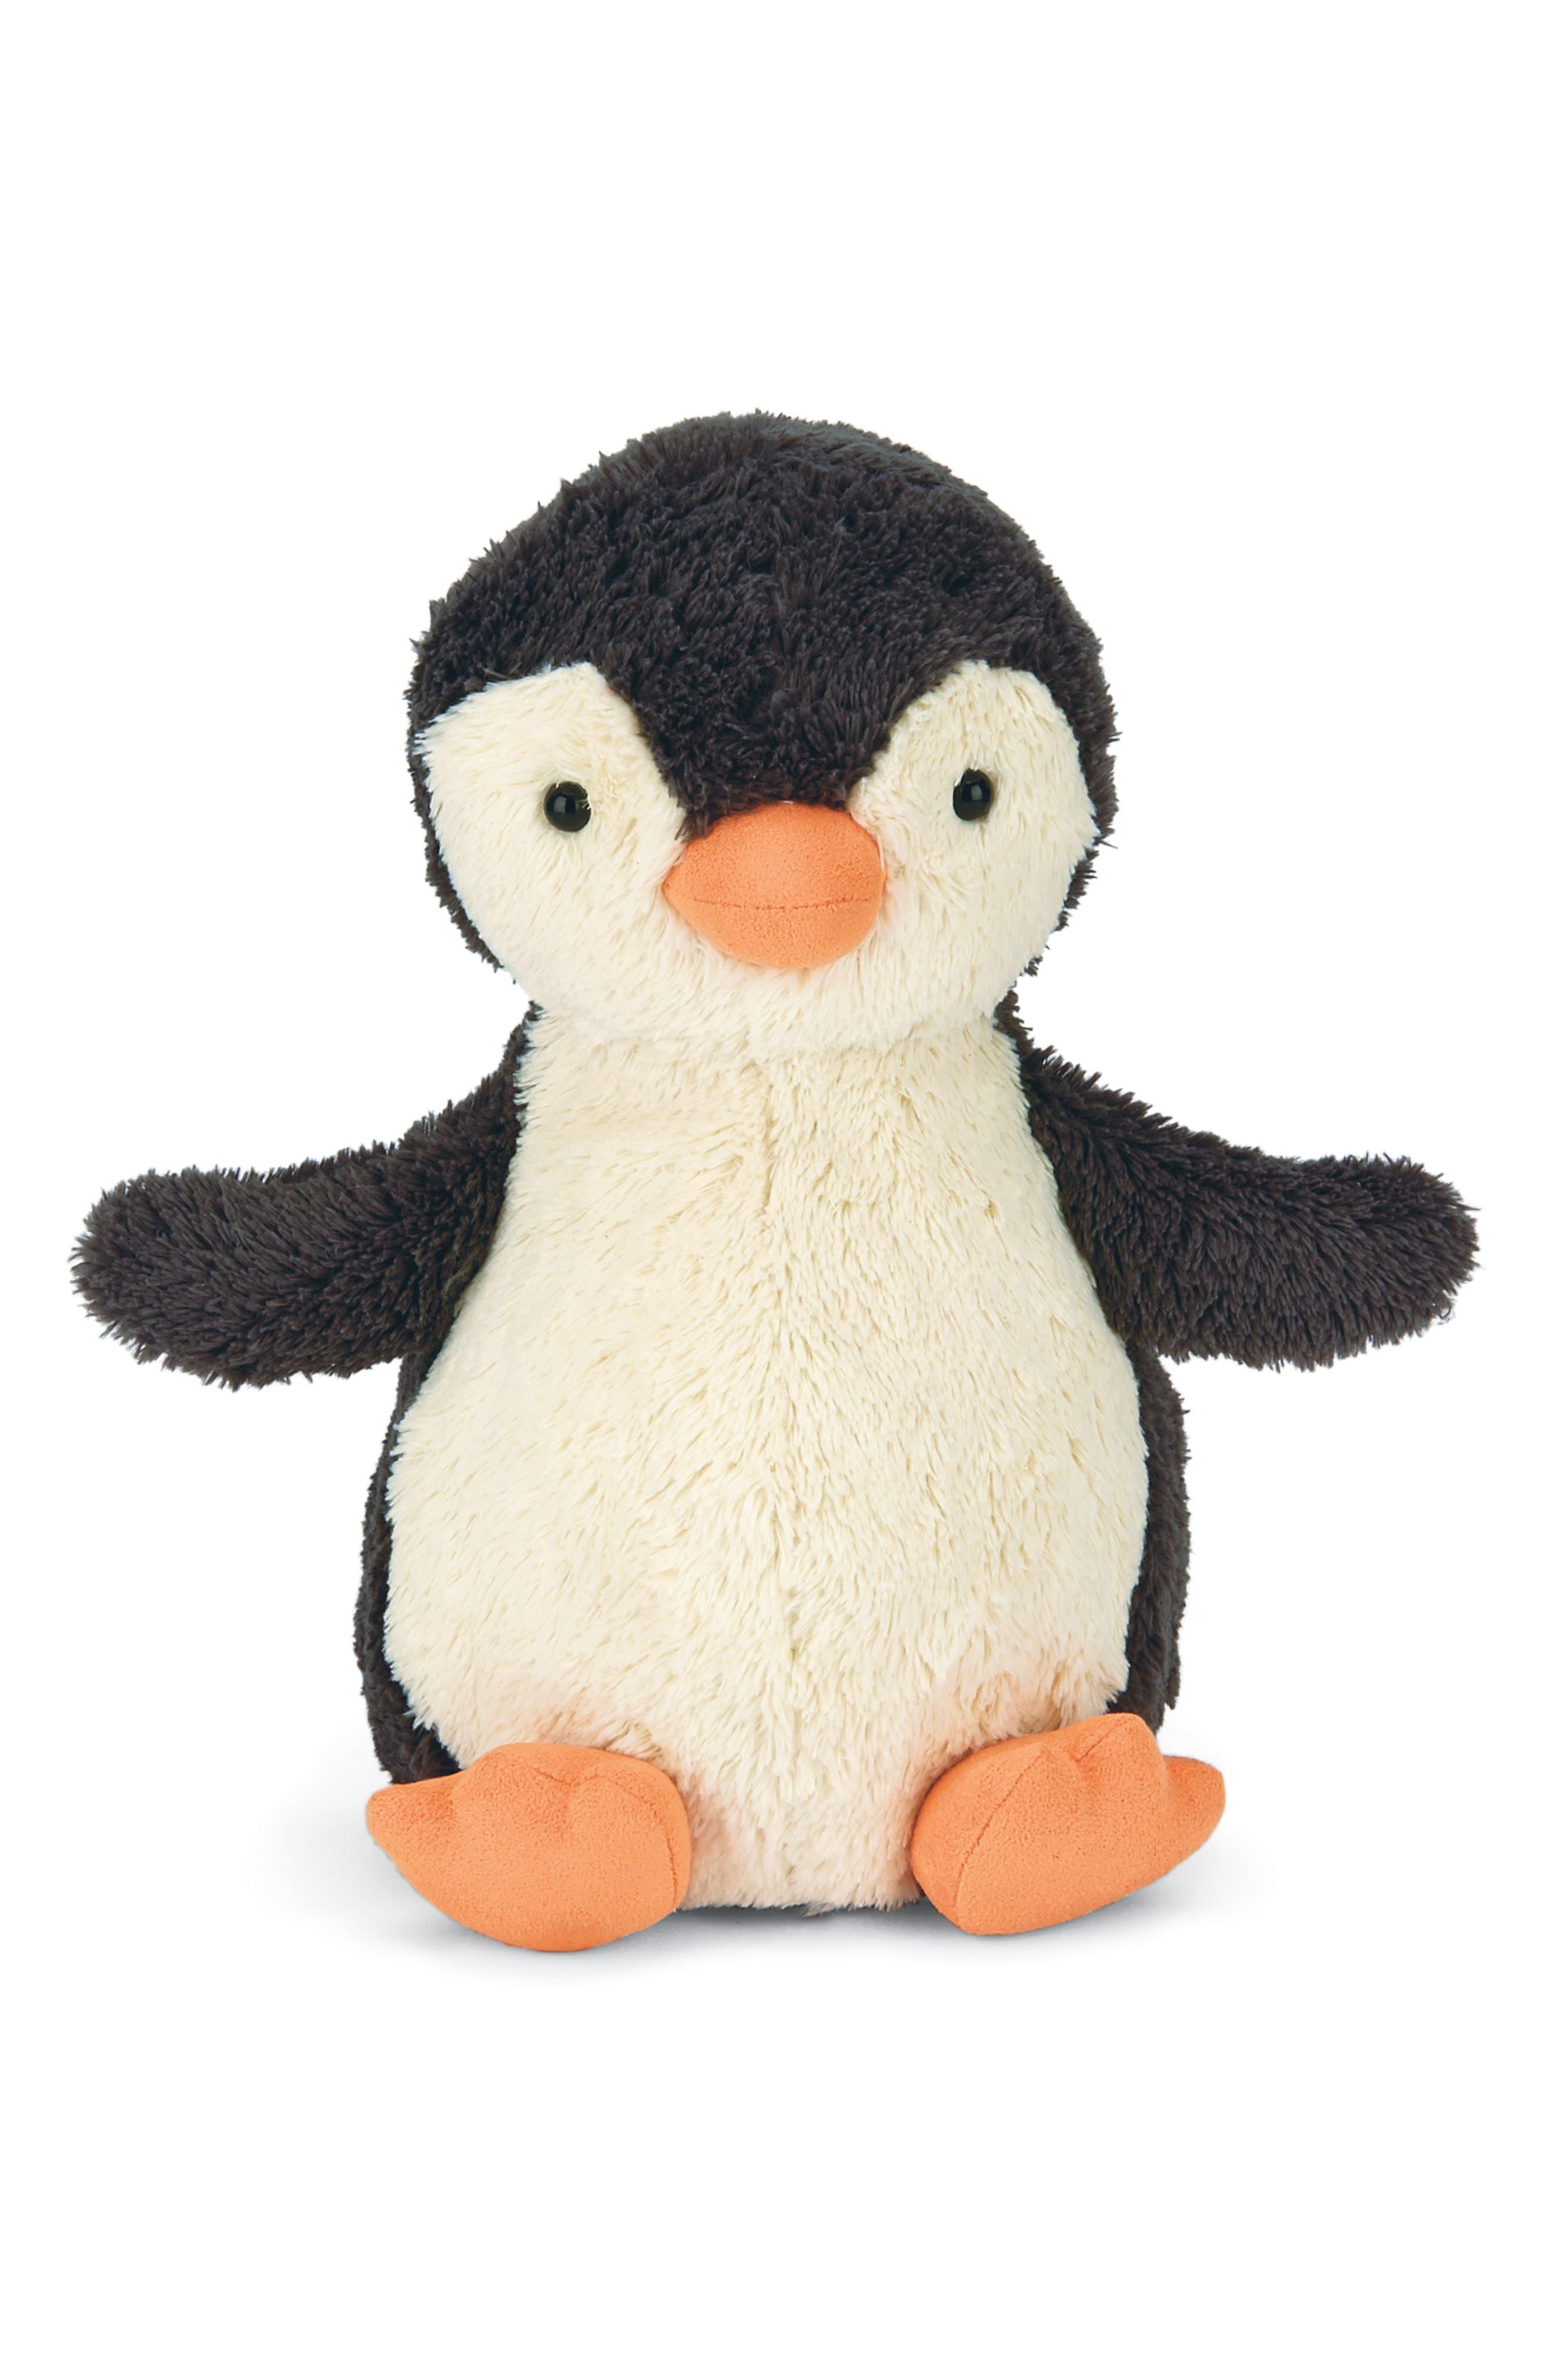 Medium Pippet Penguin Stuffed Animal,                             Main thumbnail 1, color,                             BLACK / WHITE